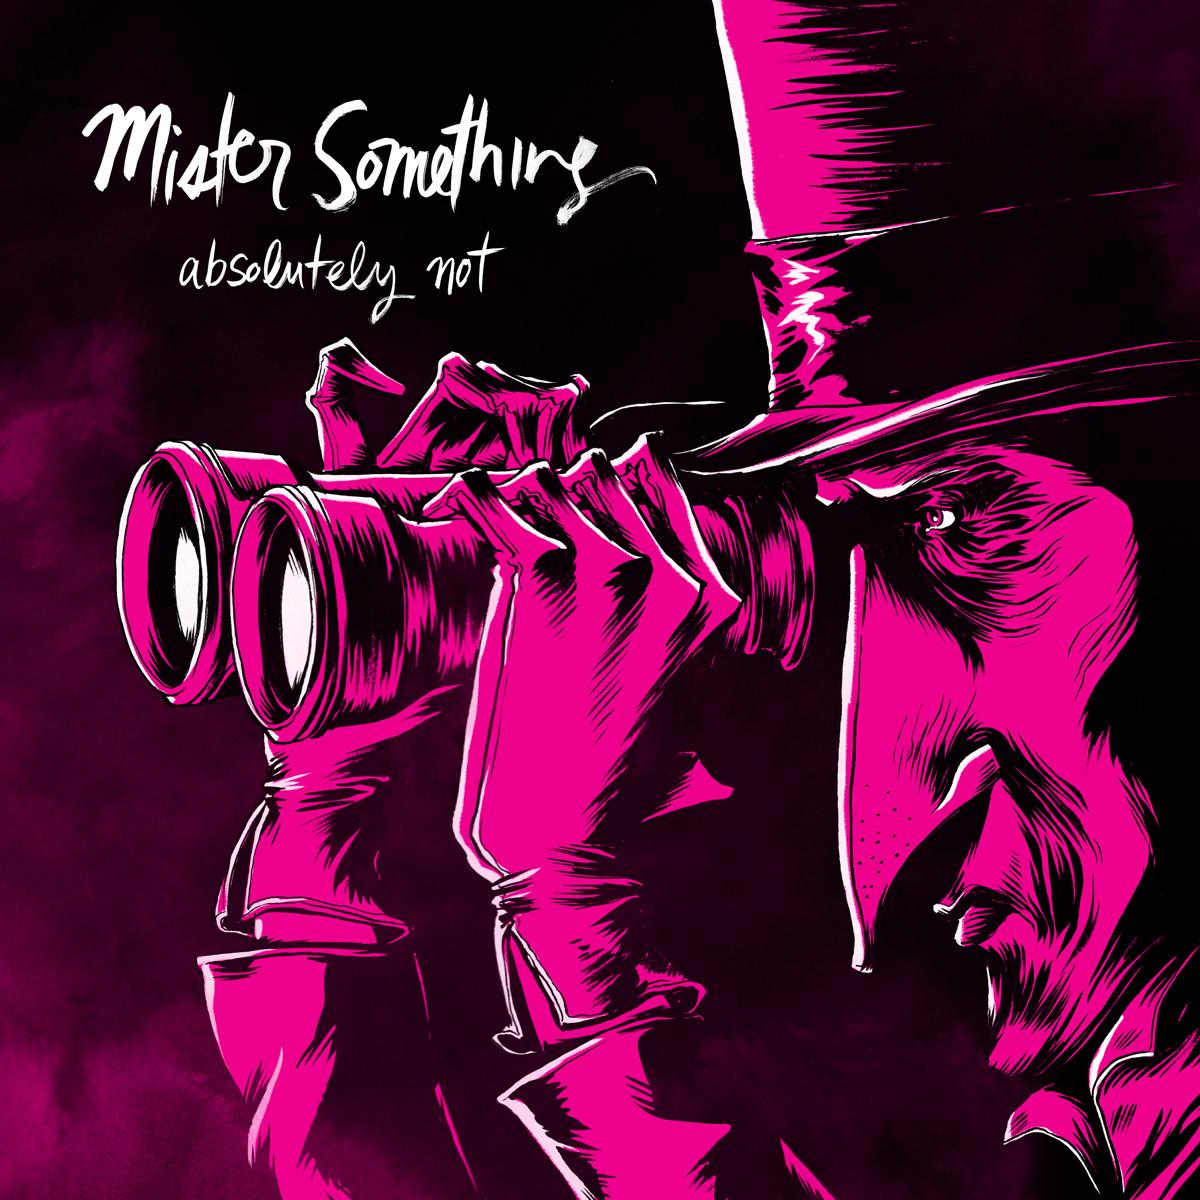 Mister Something Album Art (for Absolutely Not)